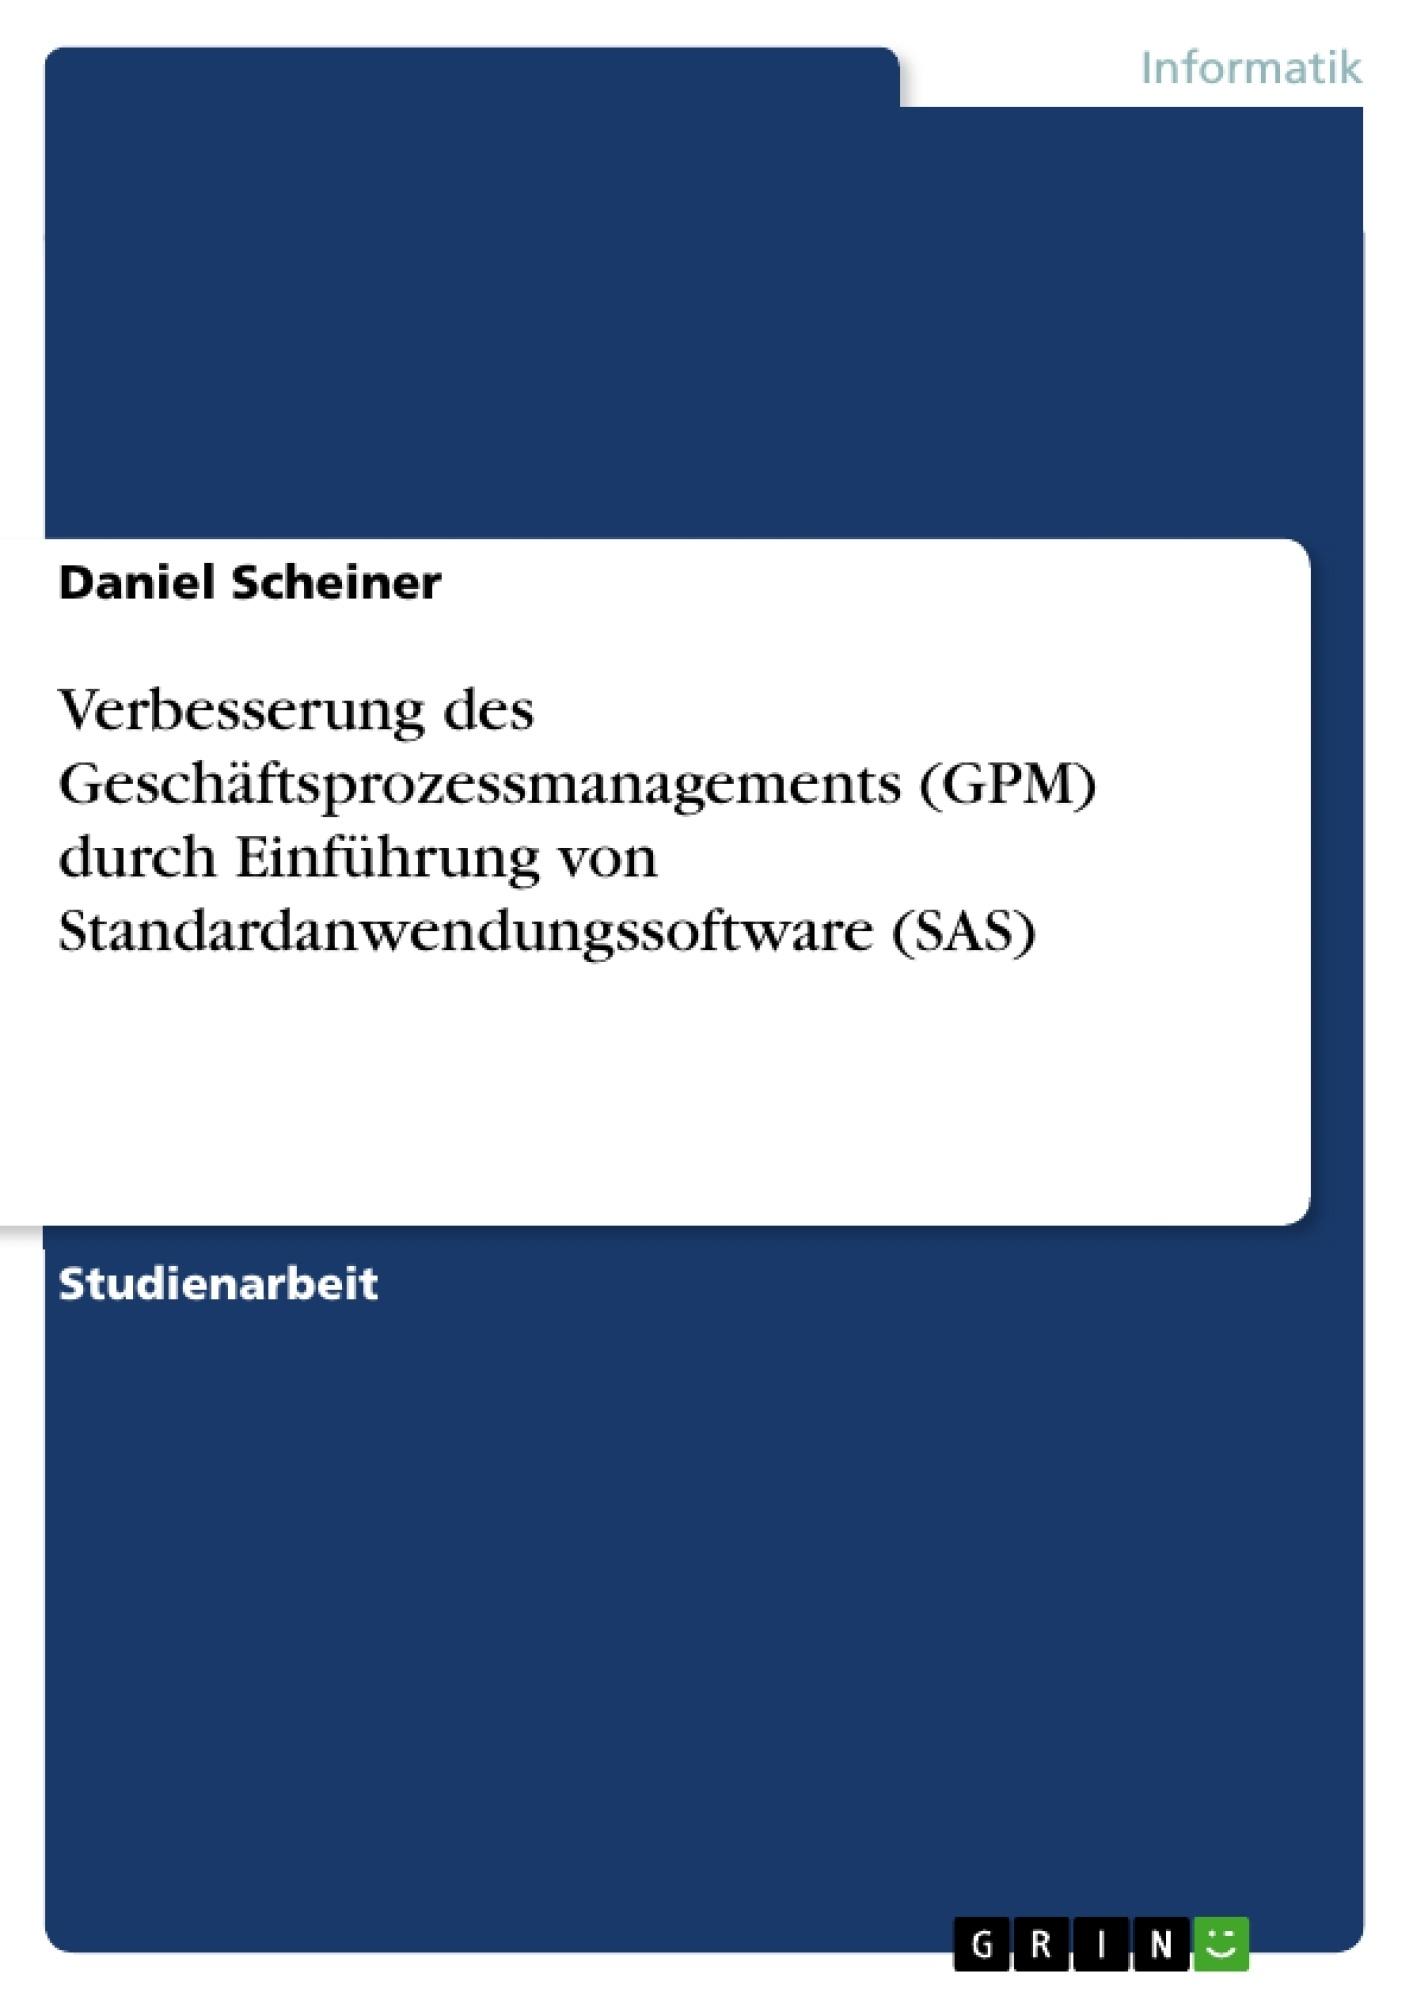 Titel: Verbesserung des Geschäftsprozessmanagements (GPM) durch Einführung von Standardanwendungssoftware (SAS)